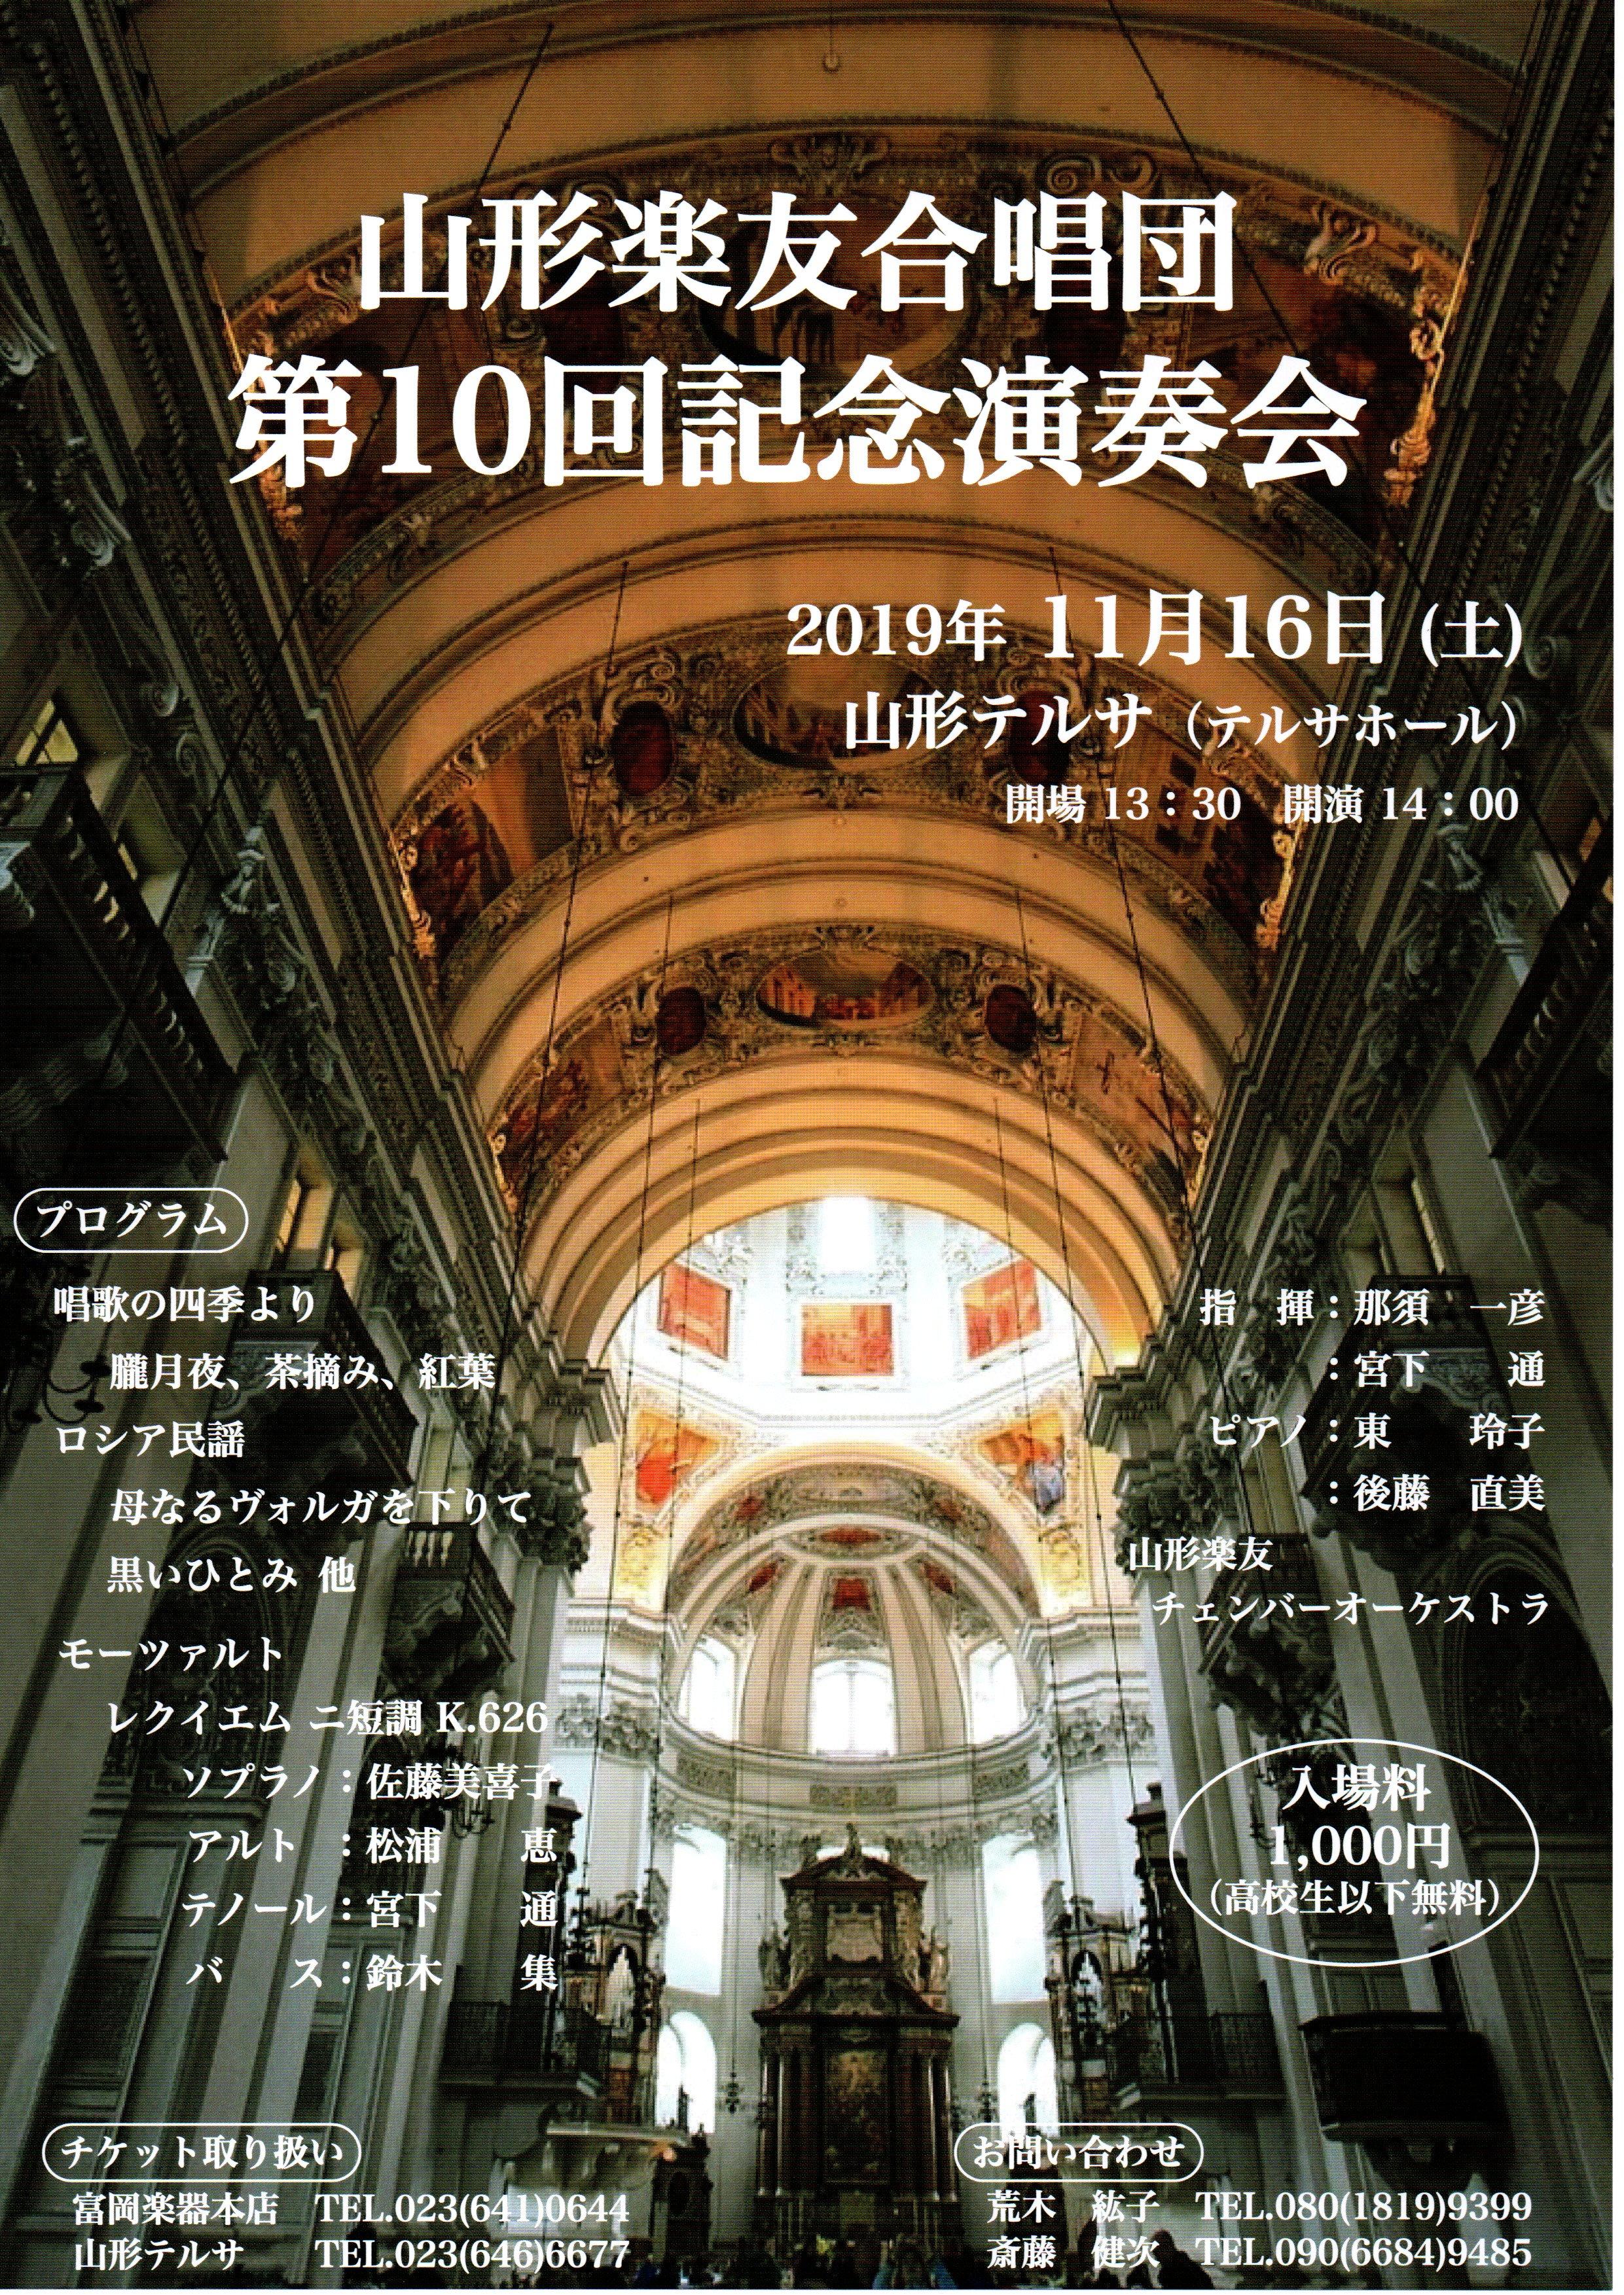 山形楽友合唱団<br> 第10回記念演奏会